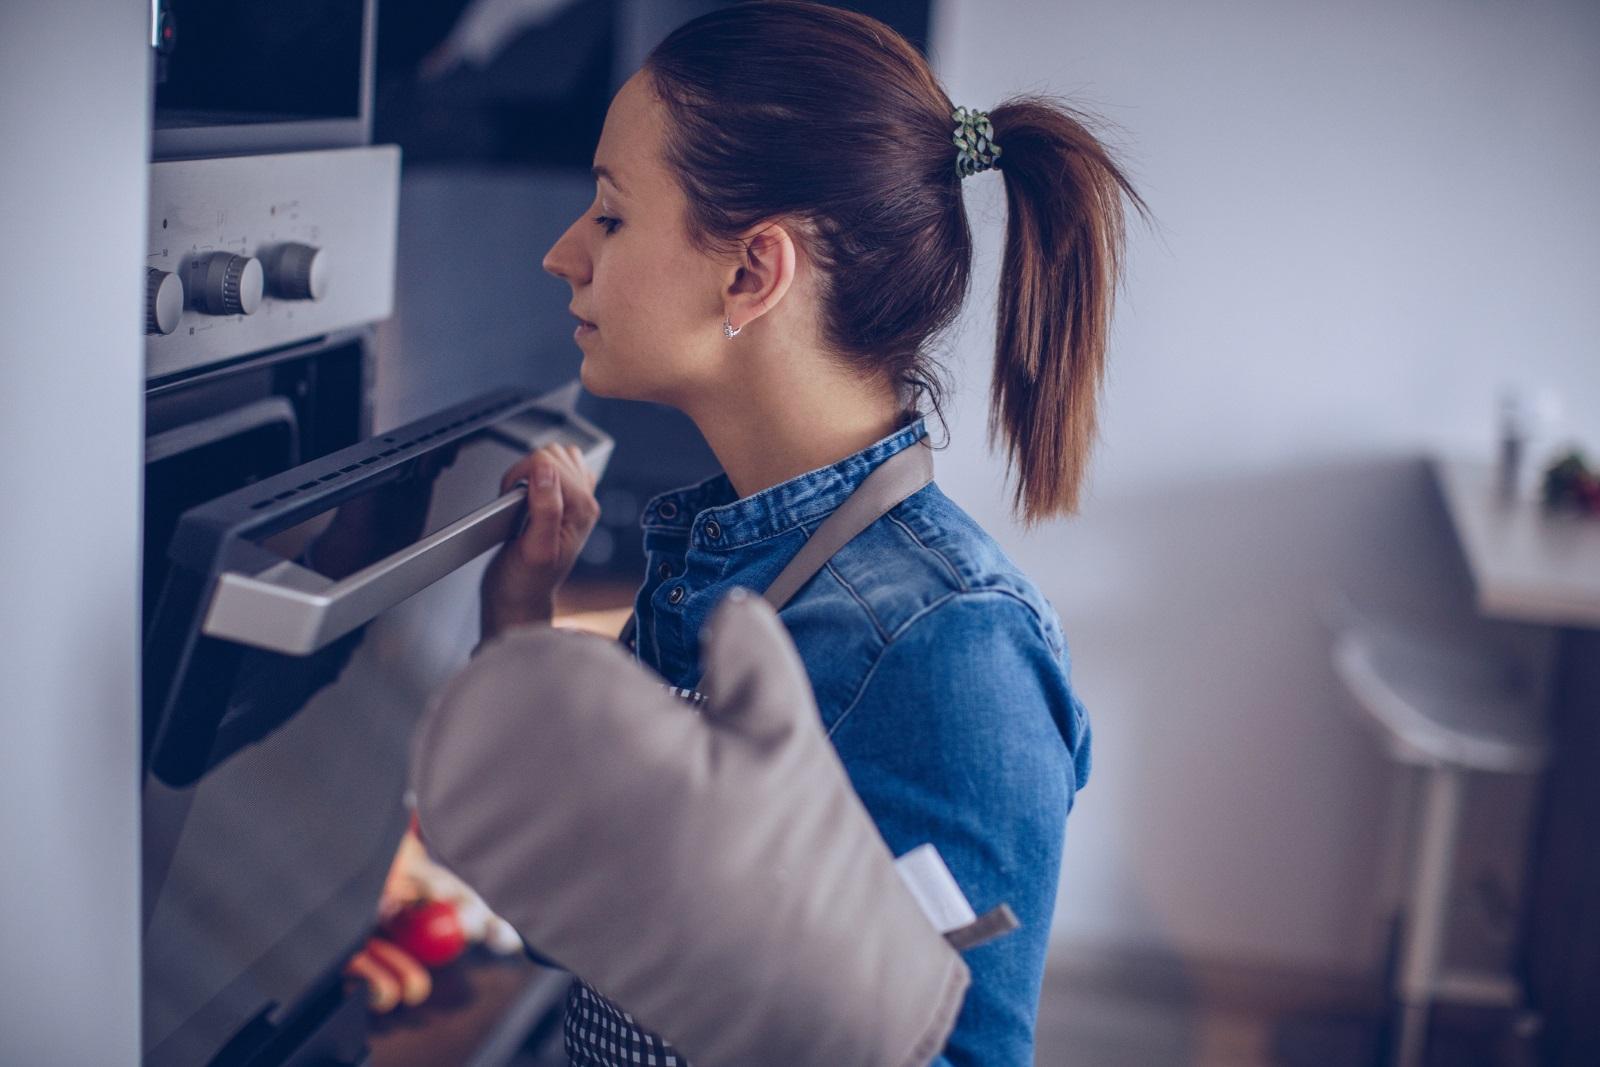 <p>Проблем със загряването на фурната</p>  <p>Ако печката ви загрява твърде бавно или пък храната ви изгаря - вземете си термометър за фурна, за да проверите температурата. Може фурната да се нуждае само от пренастройване, а да не се налага да купувате нова.</p>